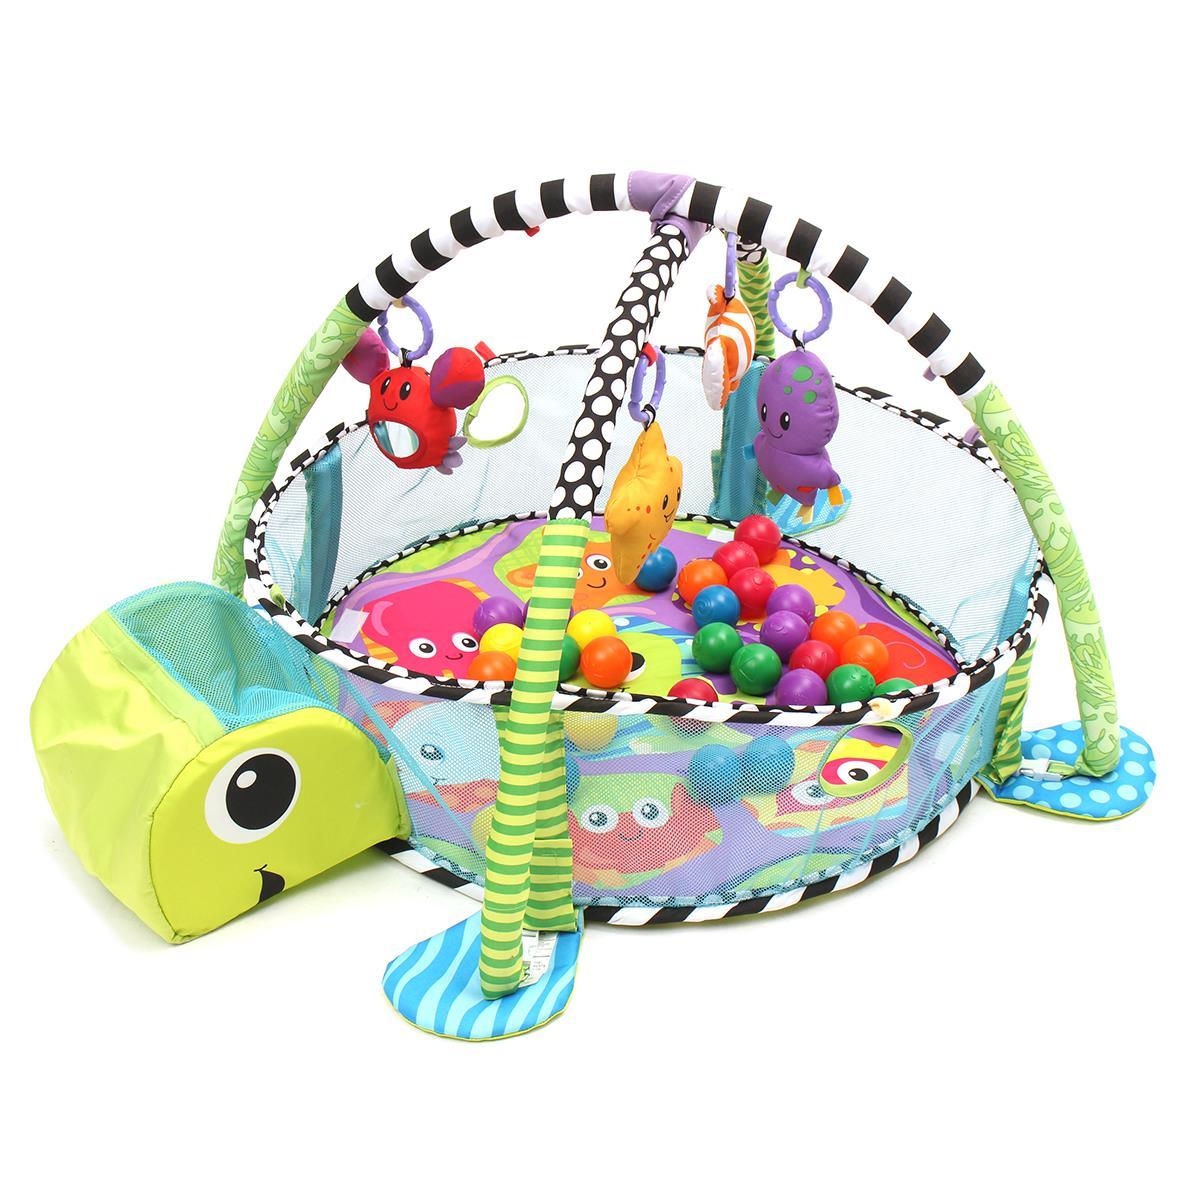 Bunte baby kinder krippe infant kleinkind baby kinder aktivität fitnessraum playmat boden teppich kinder spielzeug teppich spiel